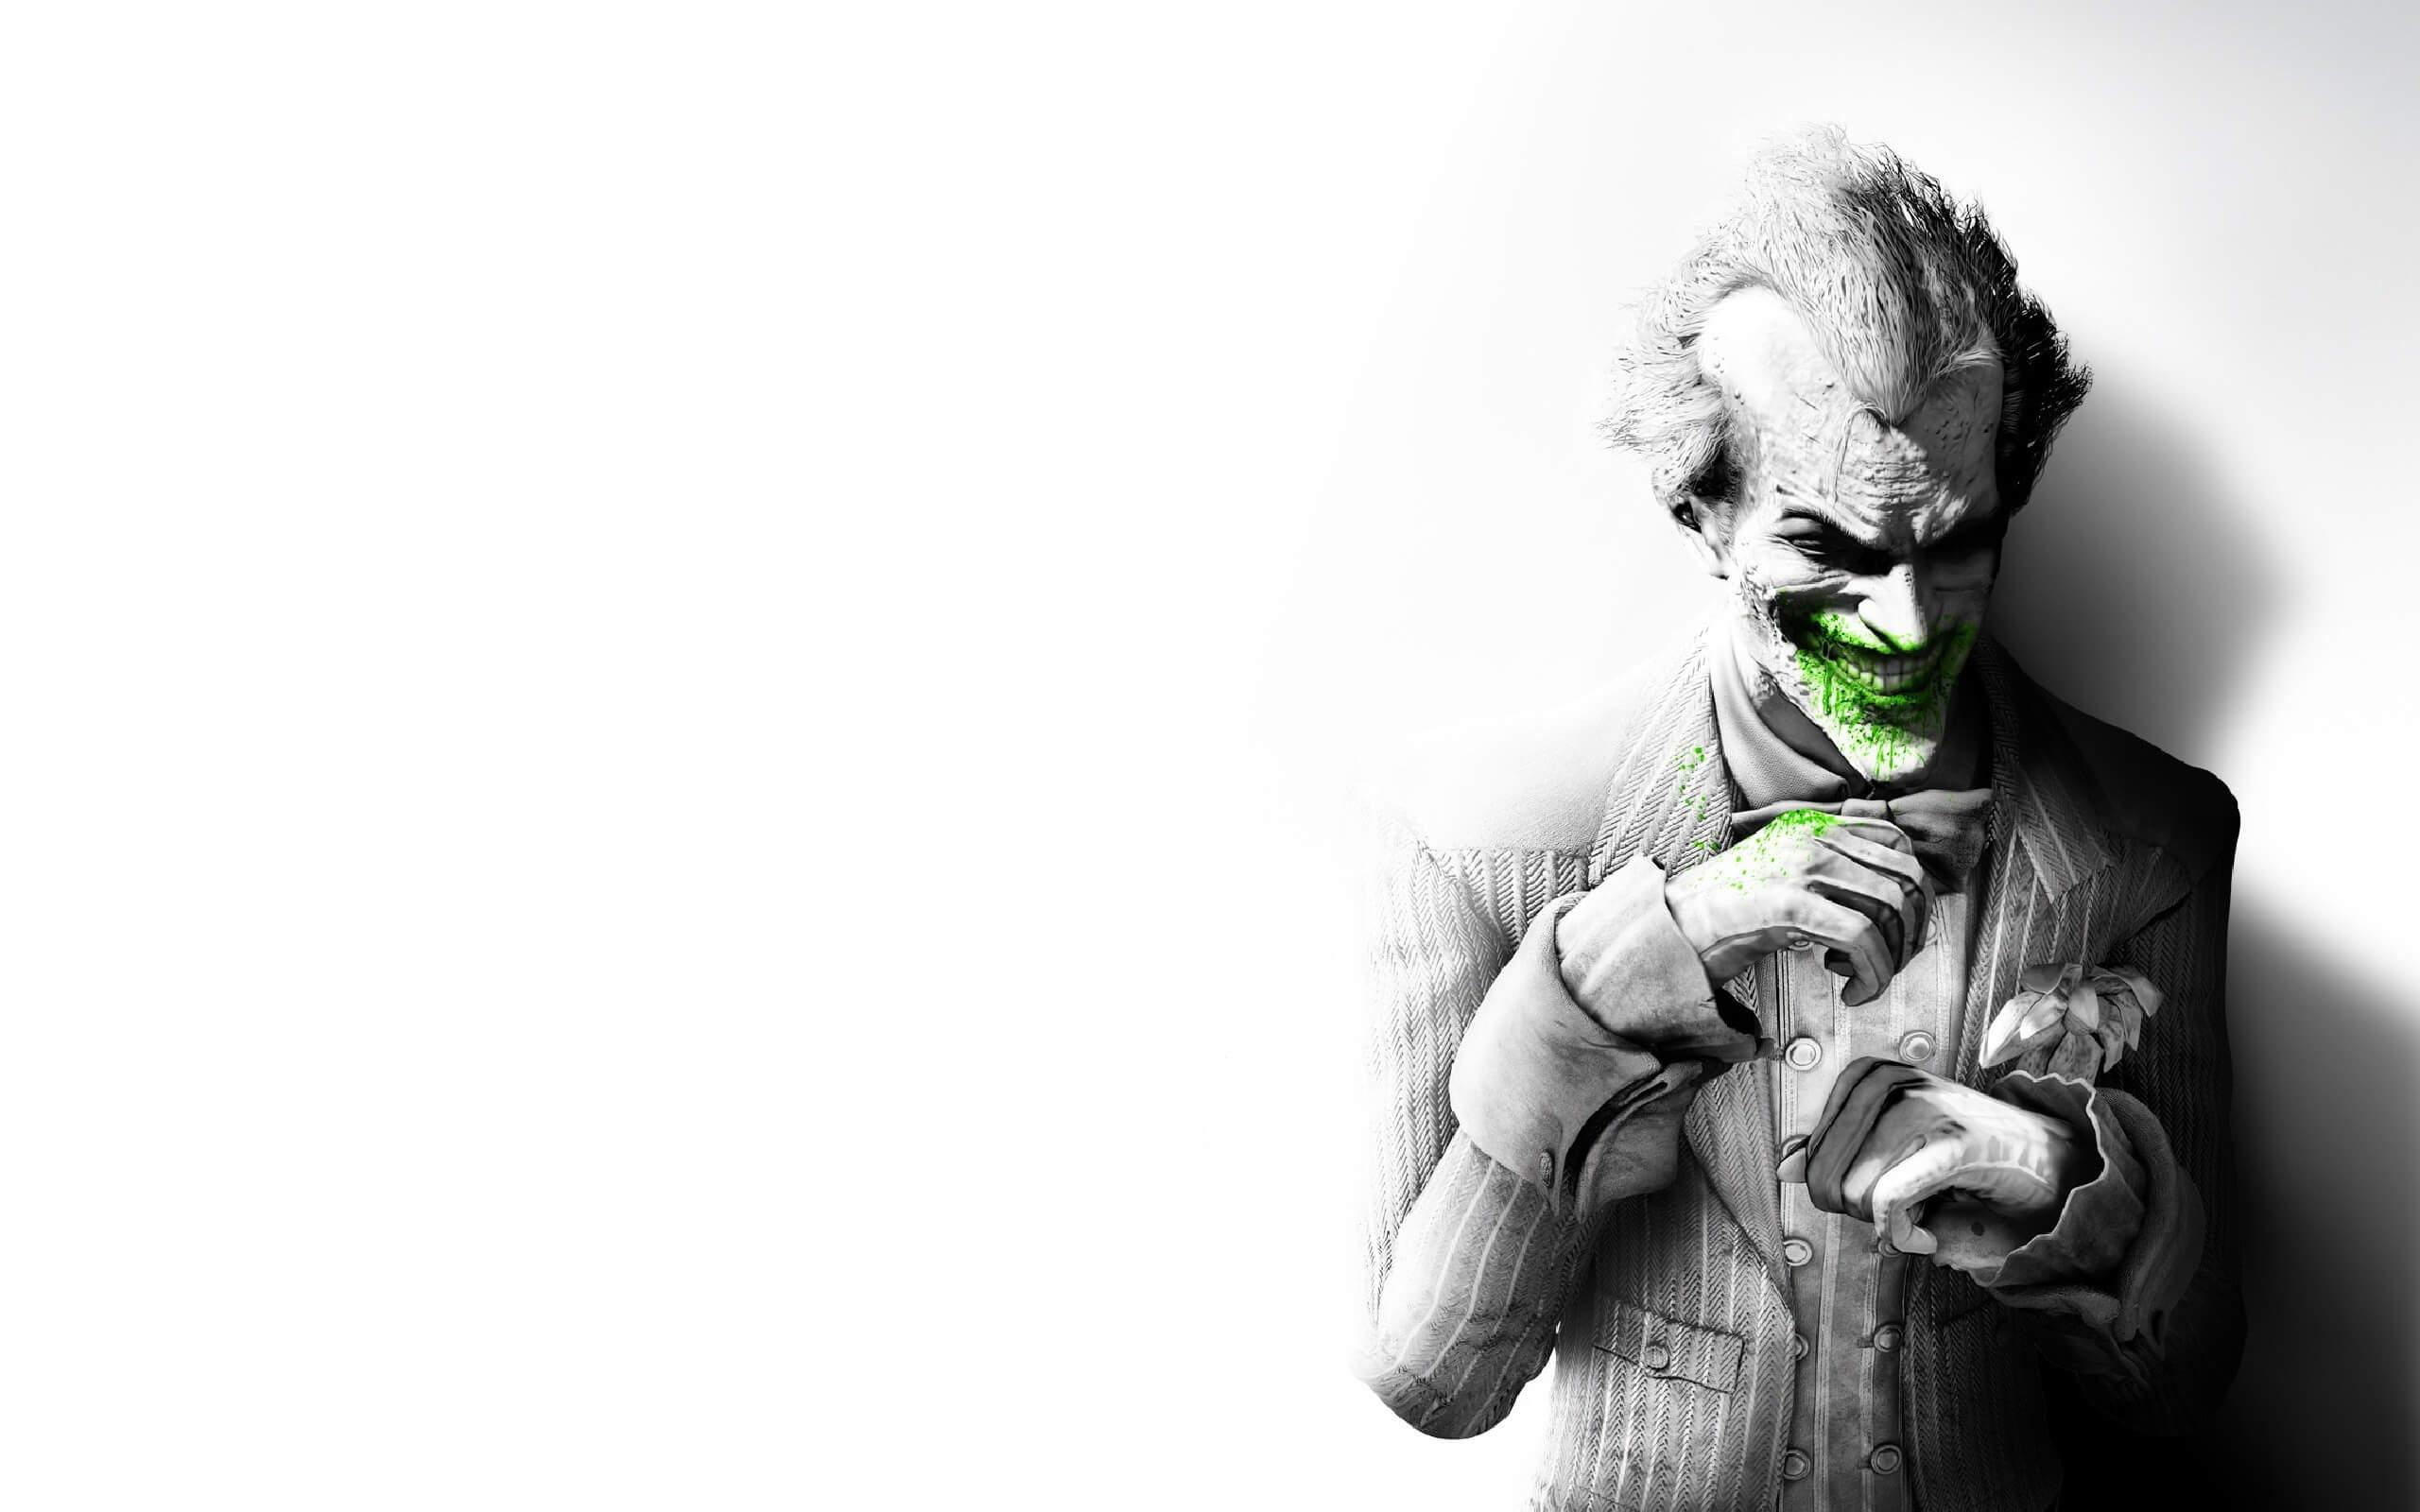 Joker black white with green